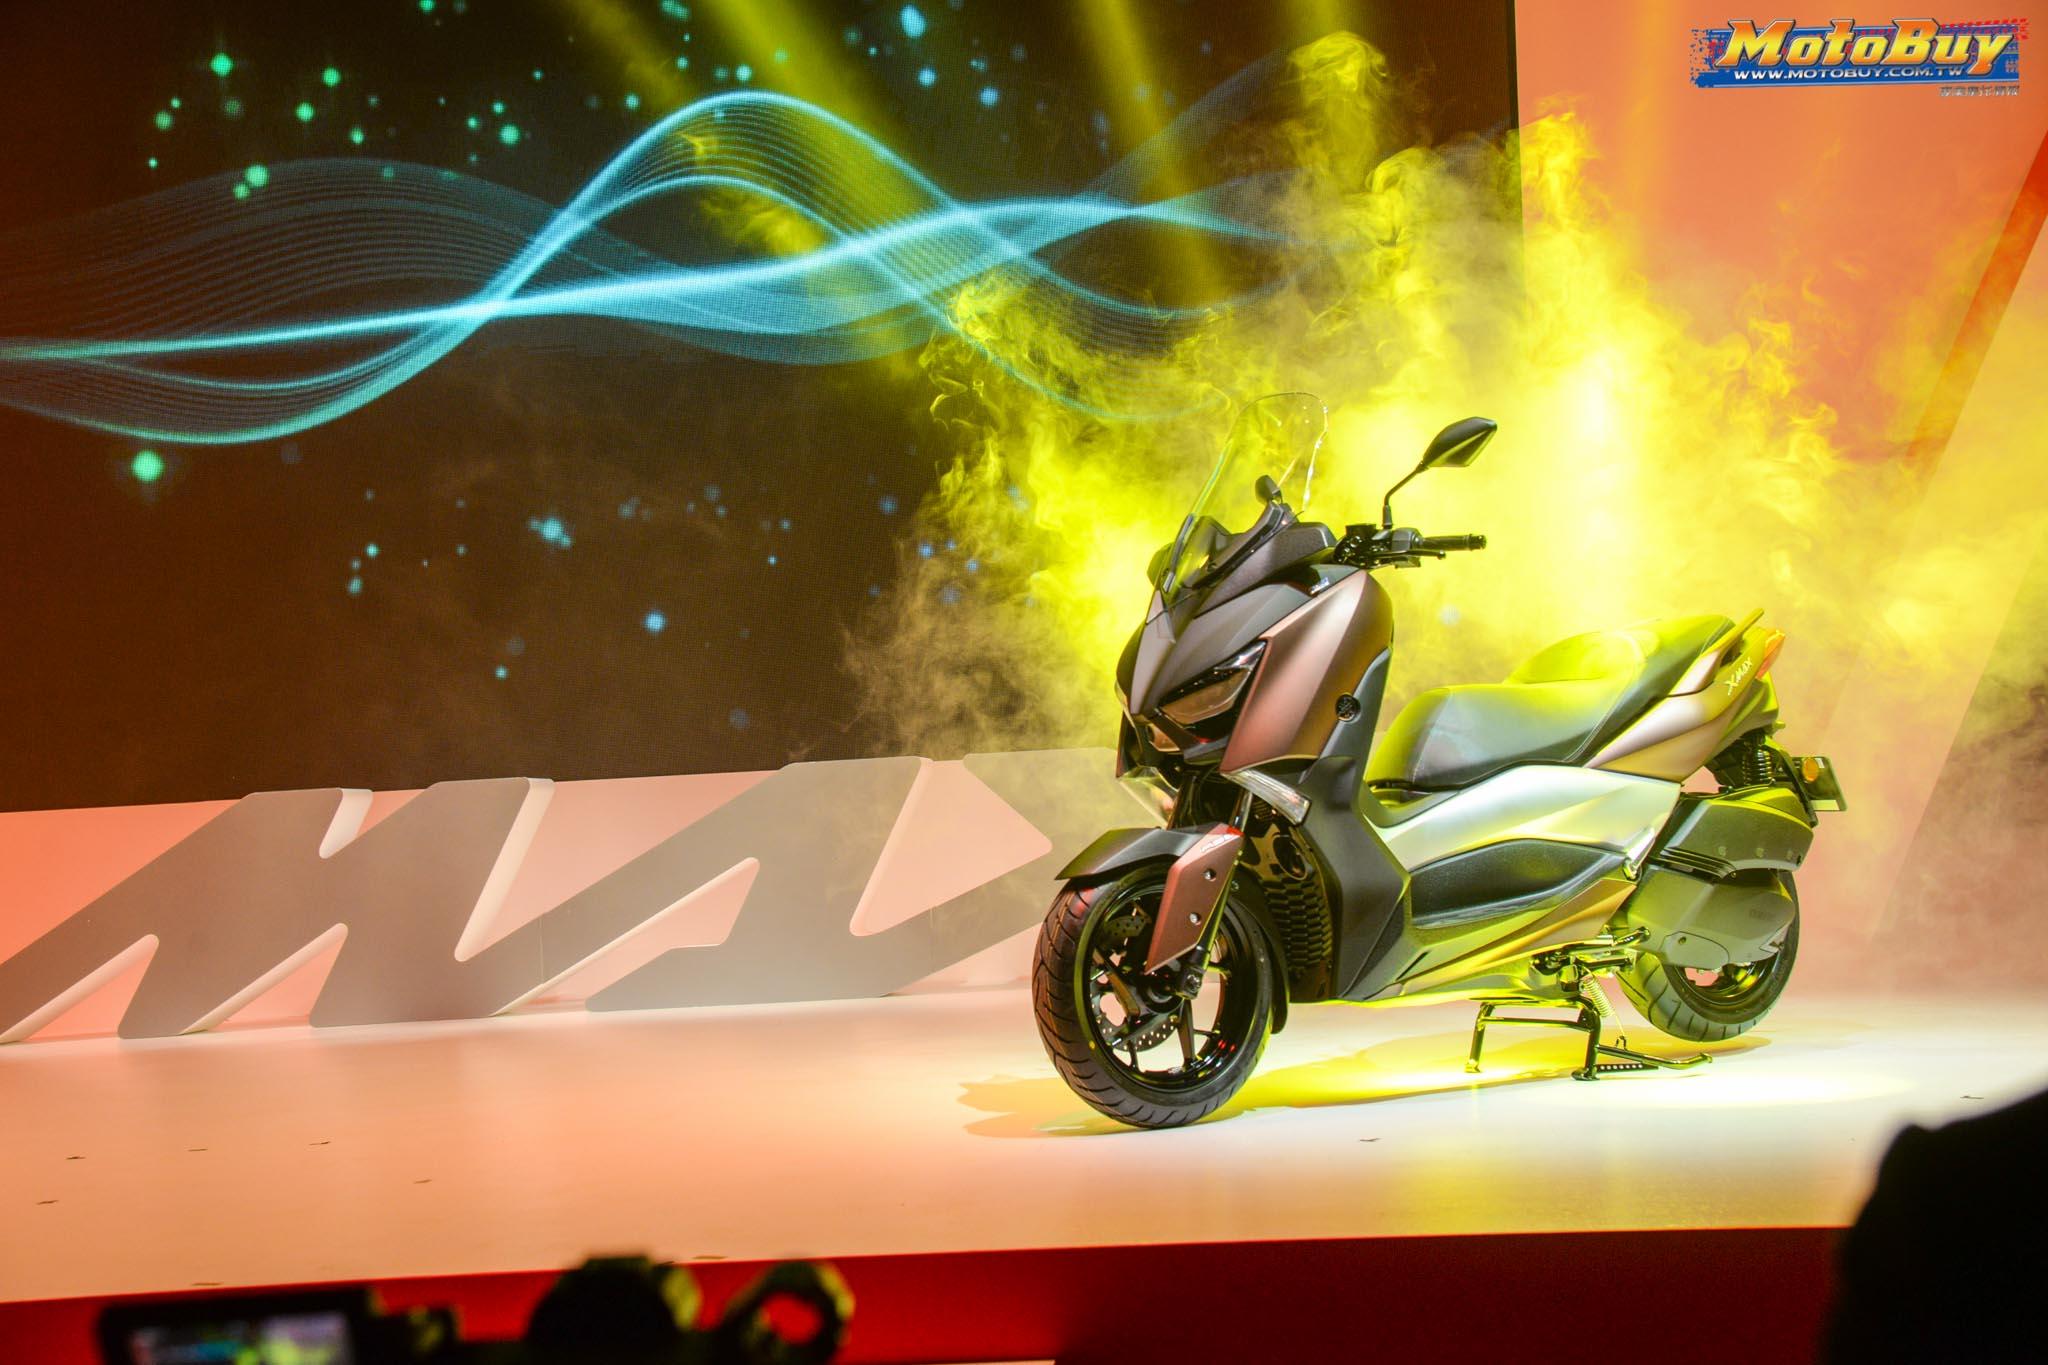 [新車情報] 臺灣發售!MAX家族新成員 - YAMAHA XMAX300 $216,000正式登入!   MotoBuy